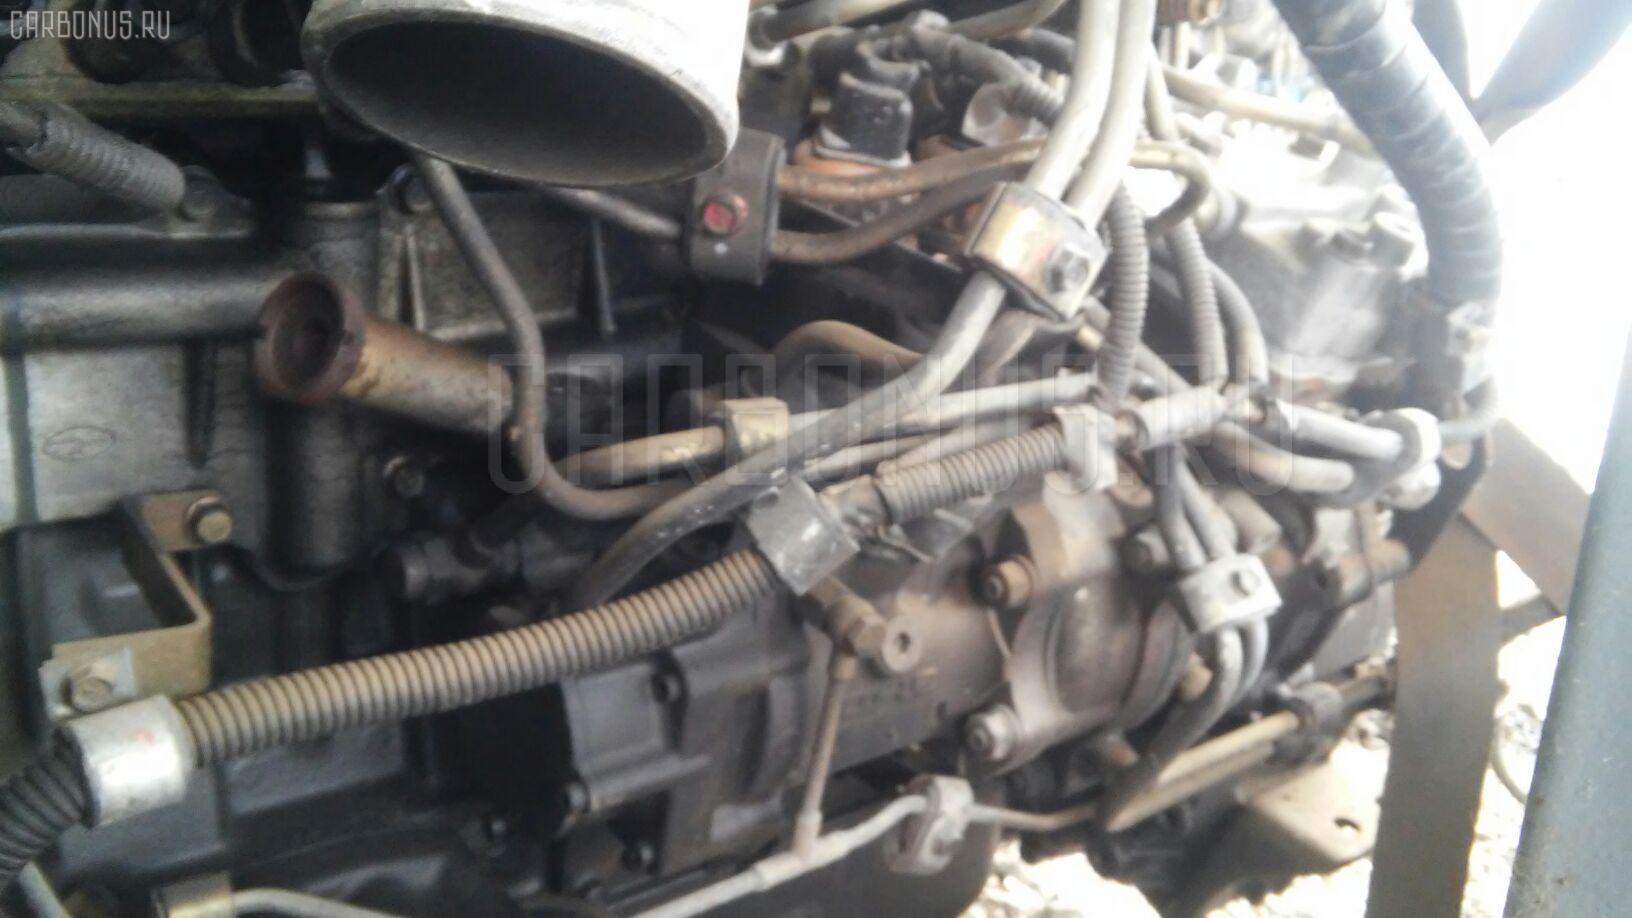 Двигатель MITSUBISHI FUSO FK61FK 6M60 Фото 4